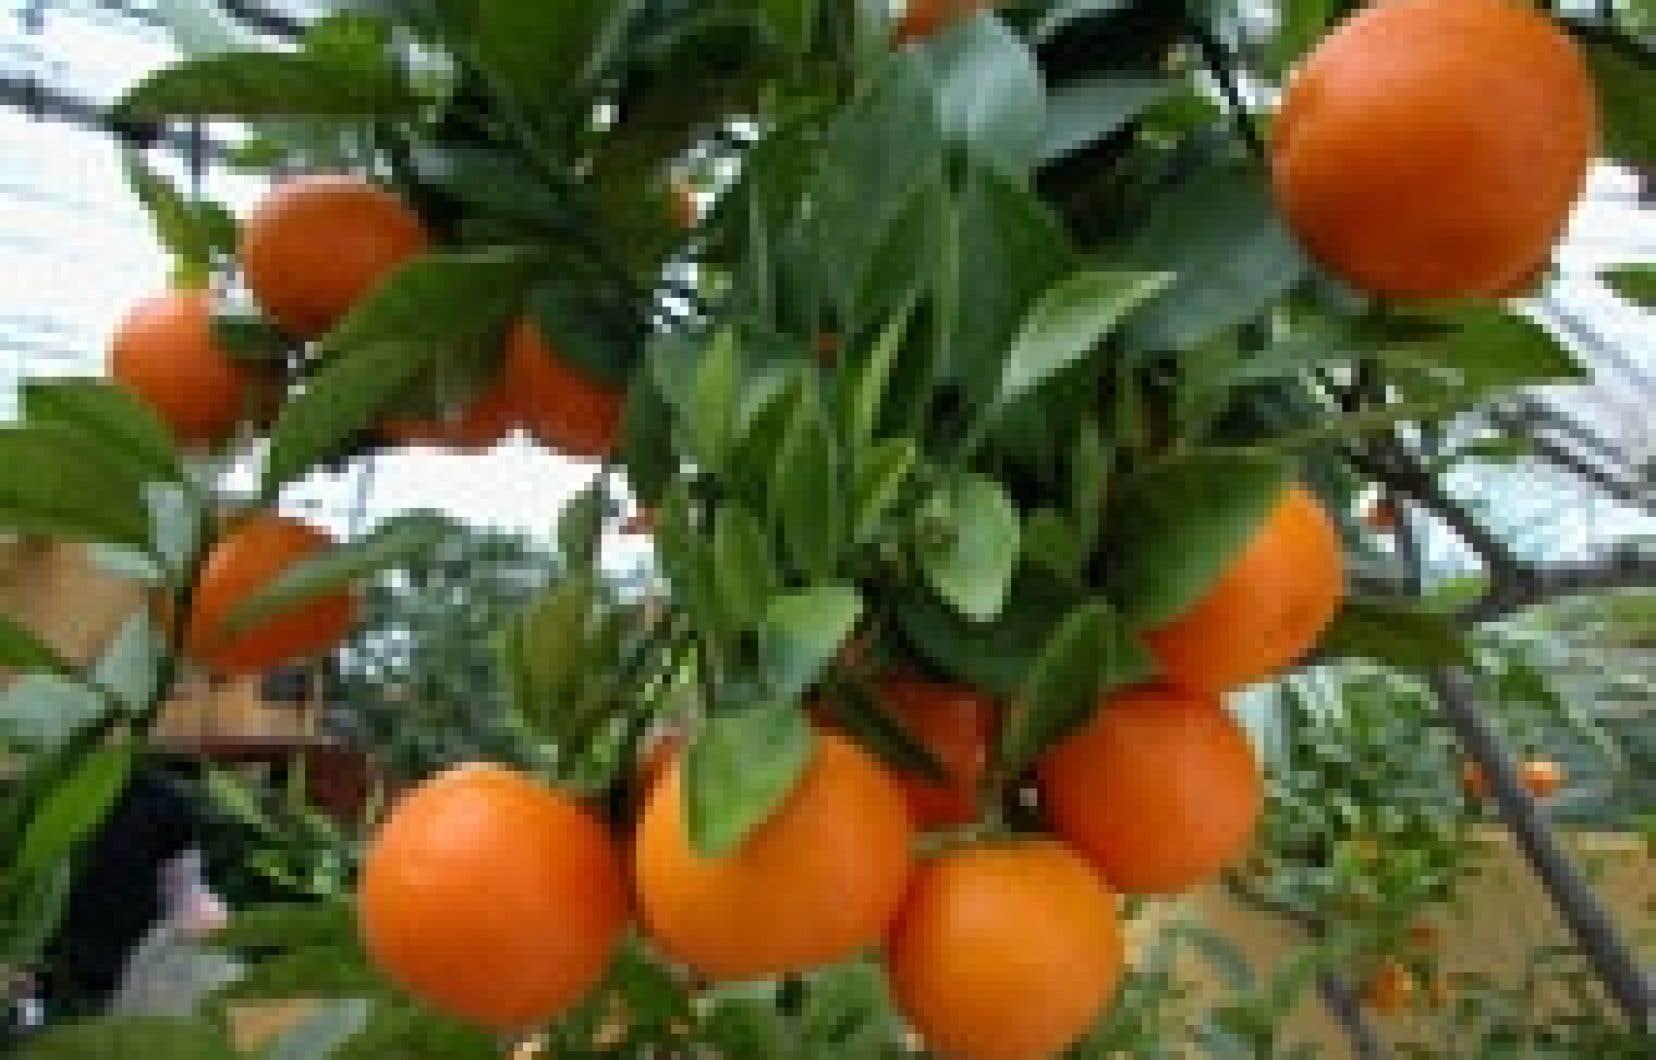 Les agrumes sont souvent utilisés dans la fabrication d'huiles essentielles.